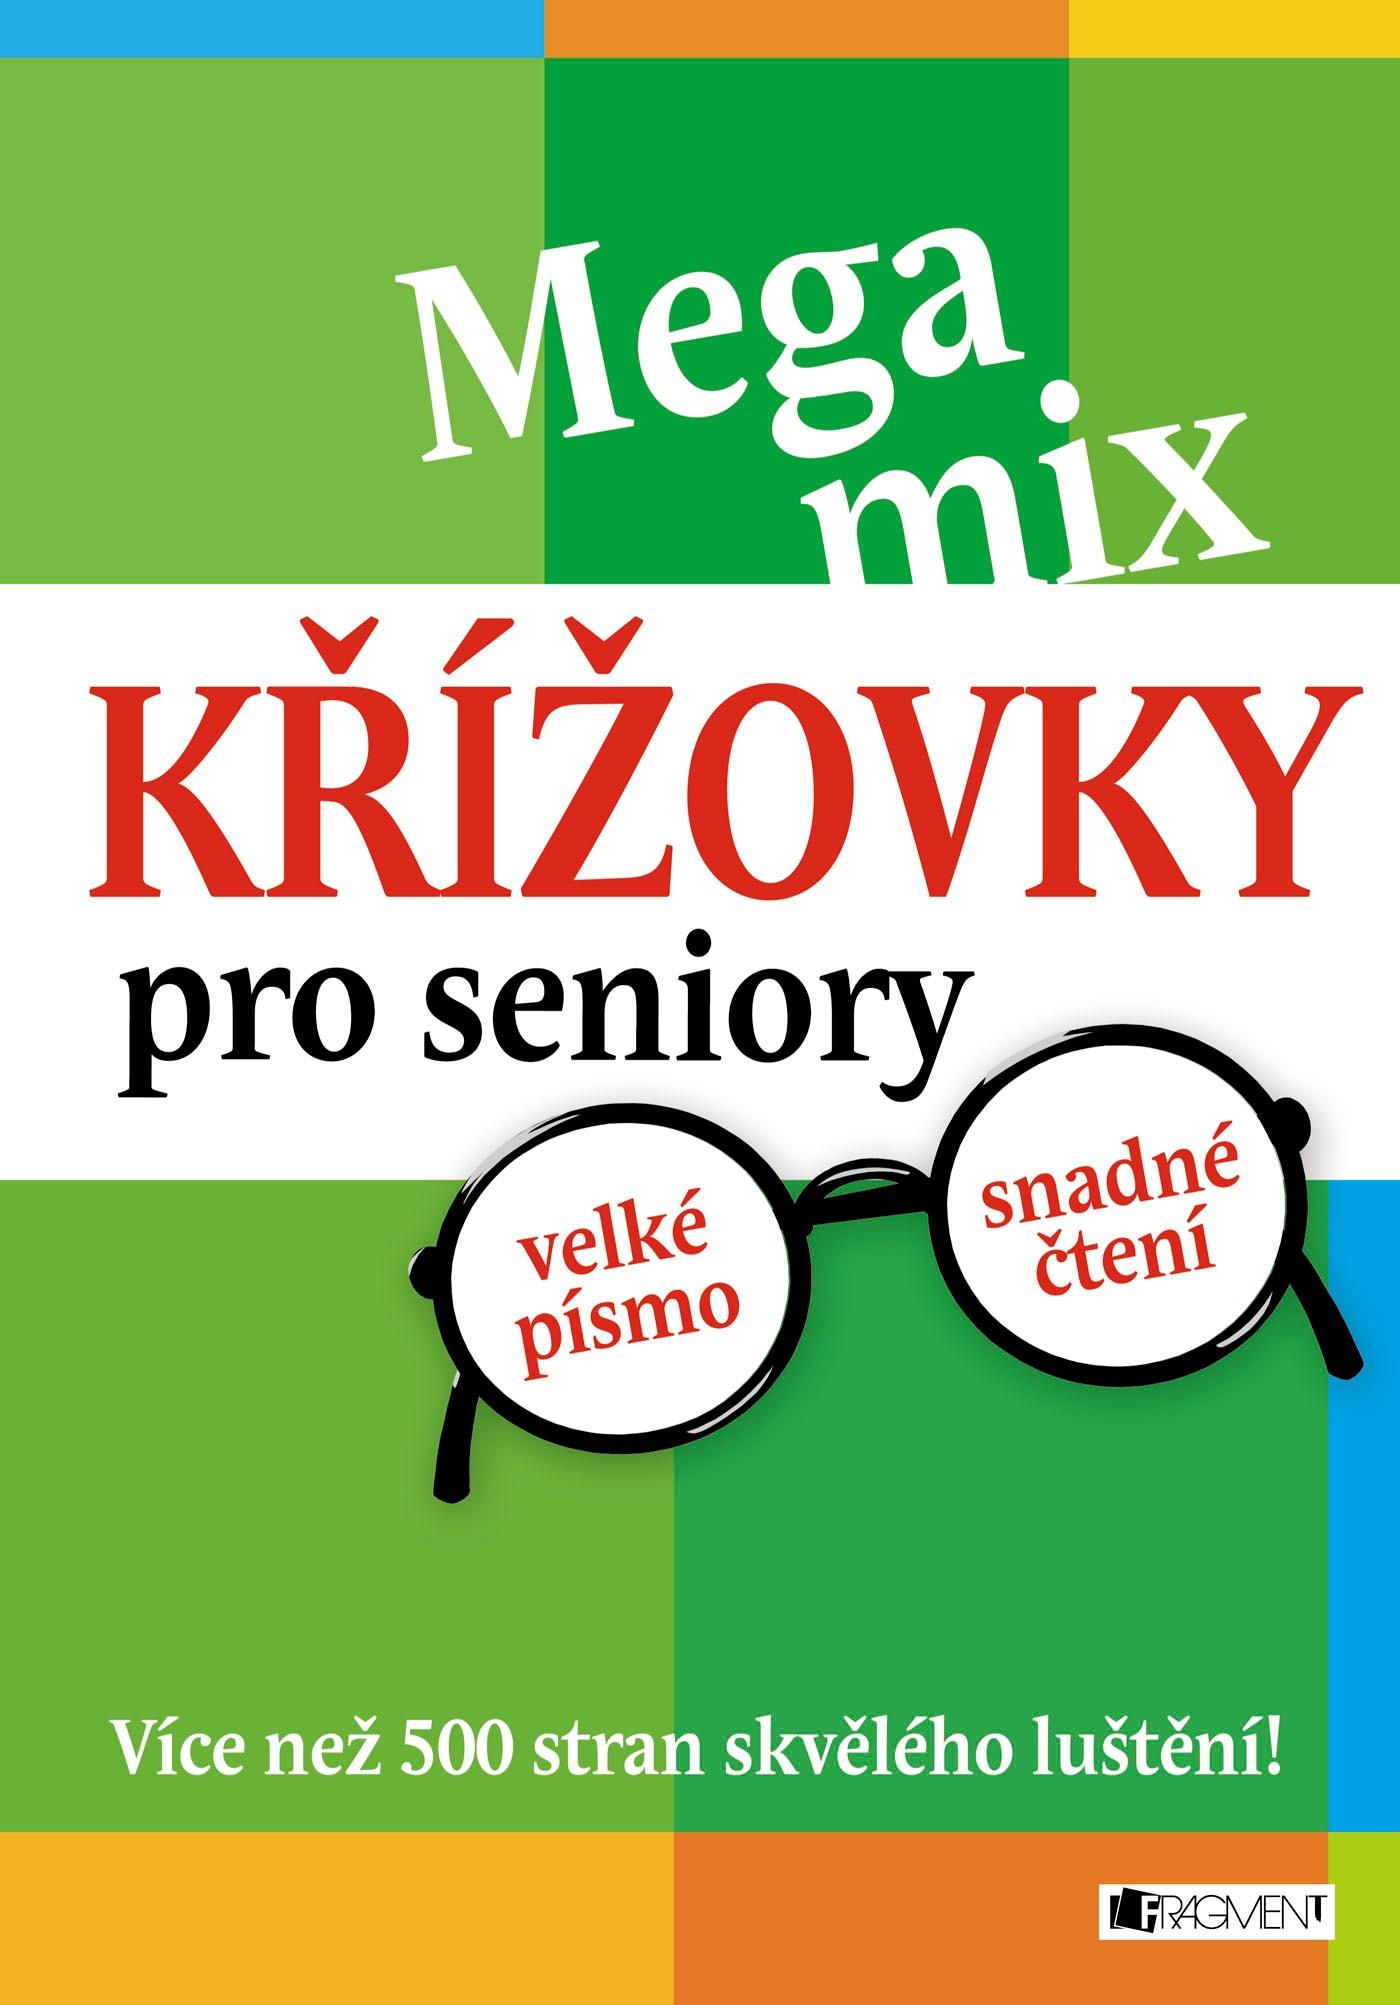 Mega mix - Křížovky pro seniory |